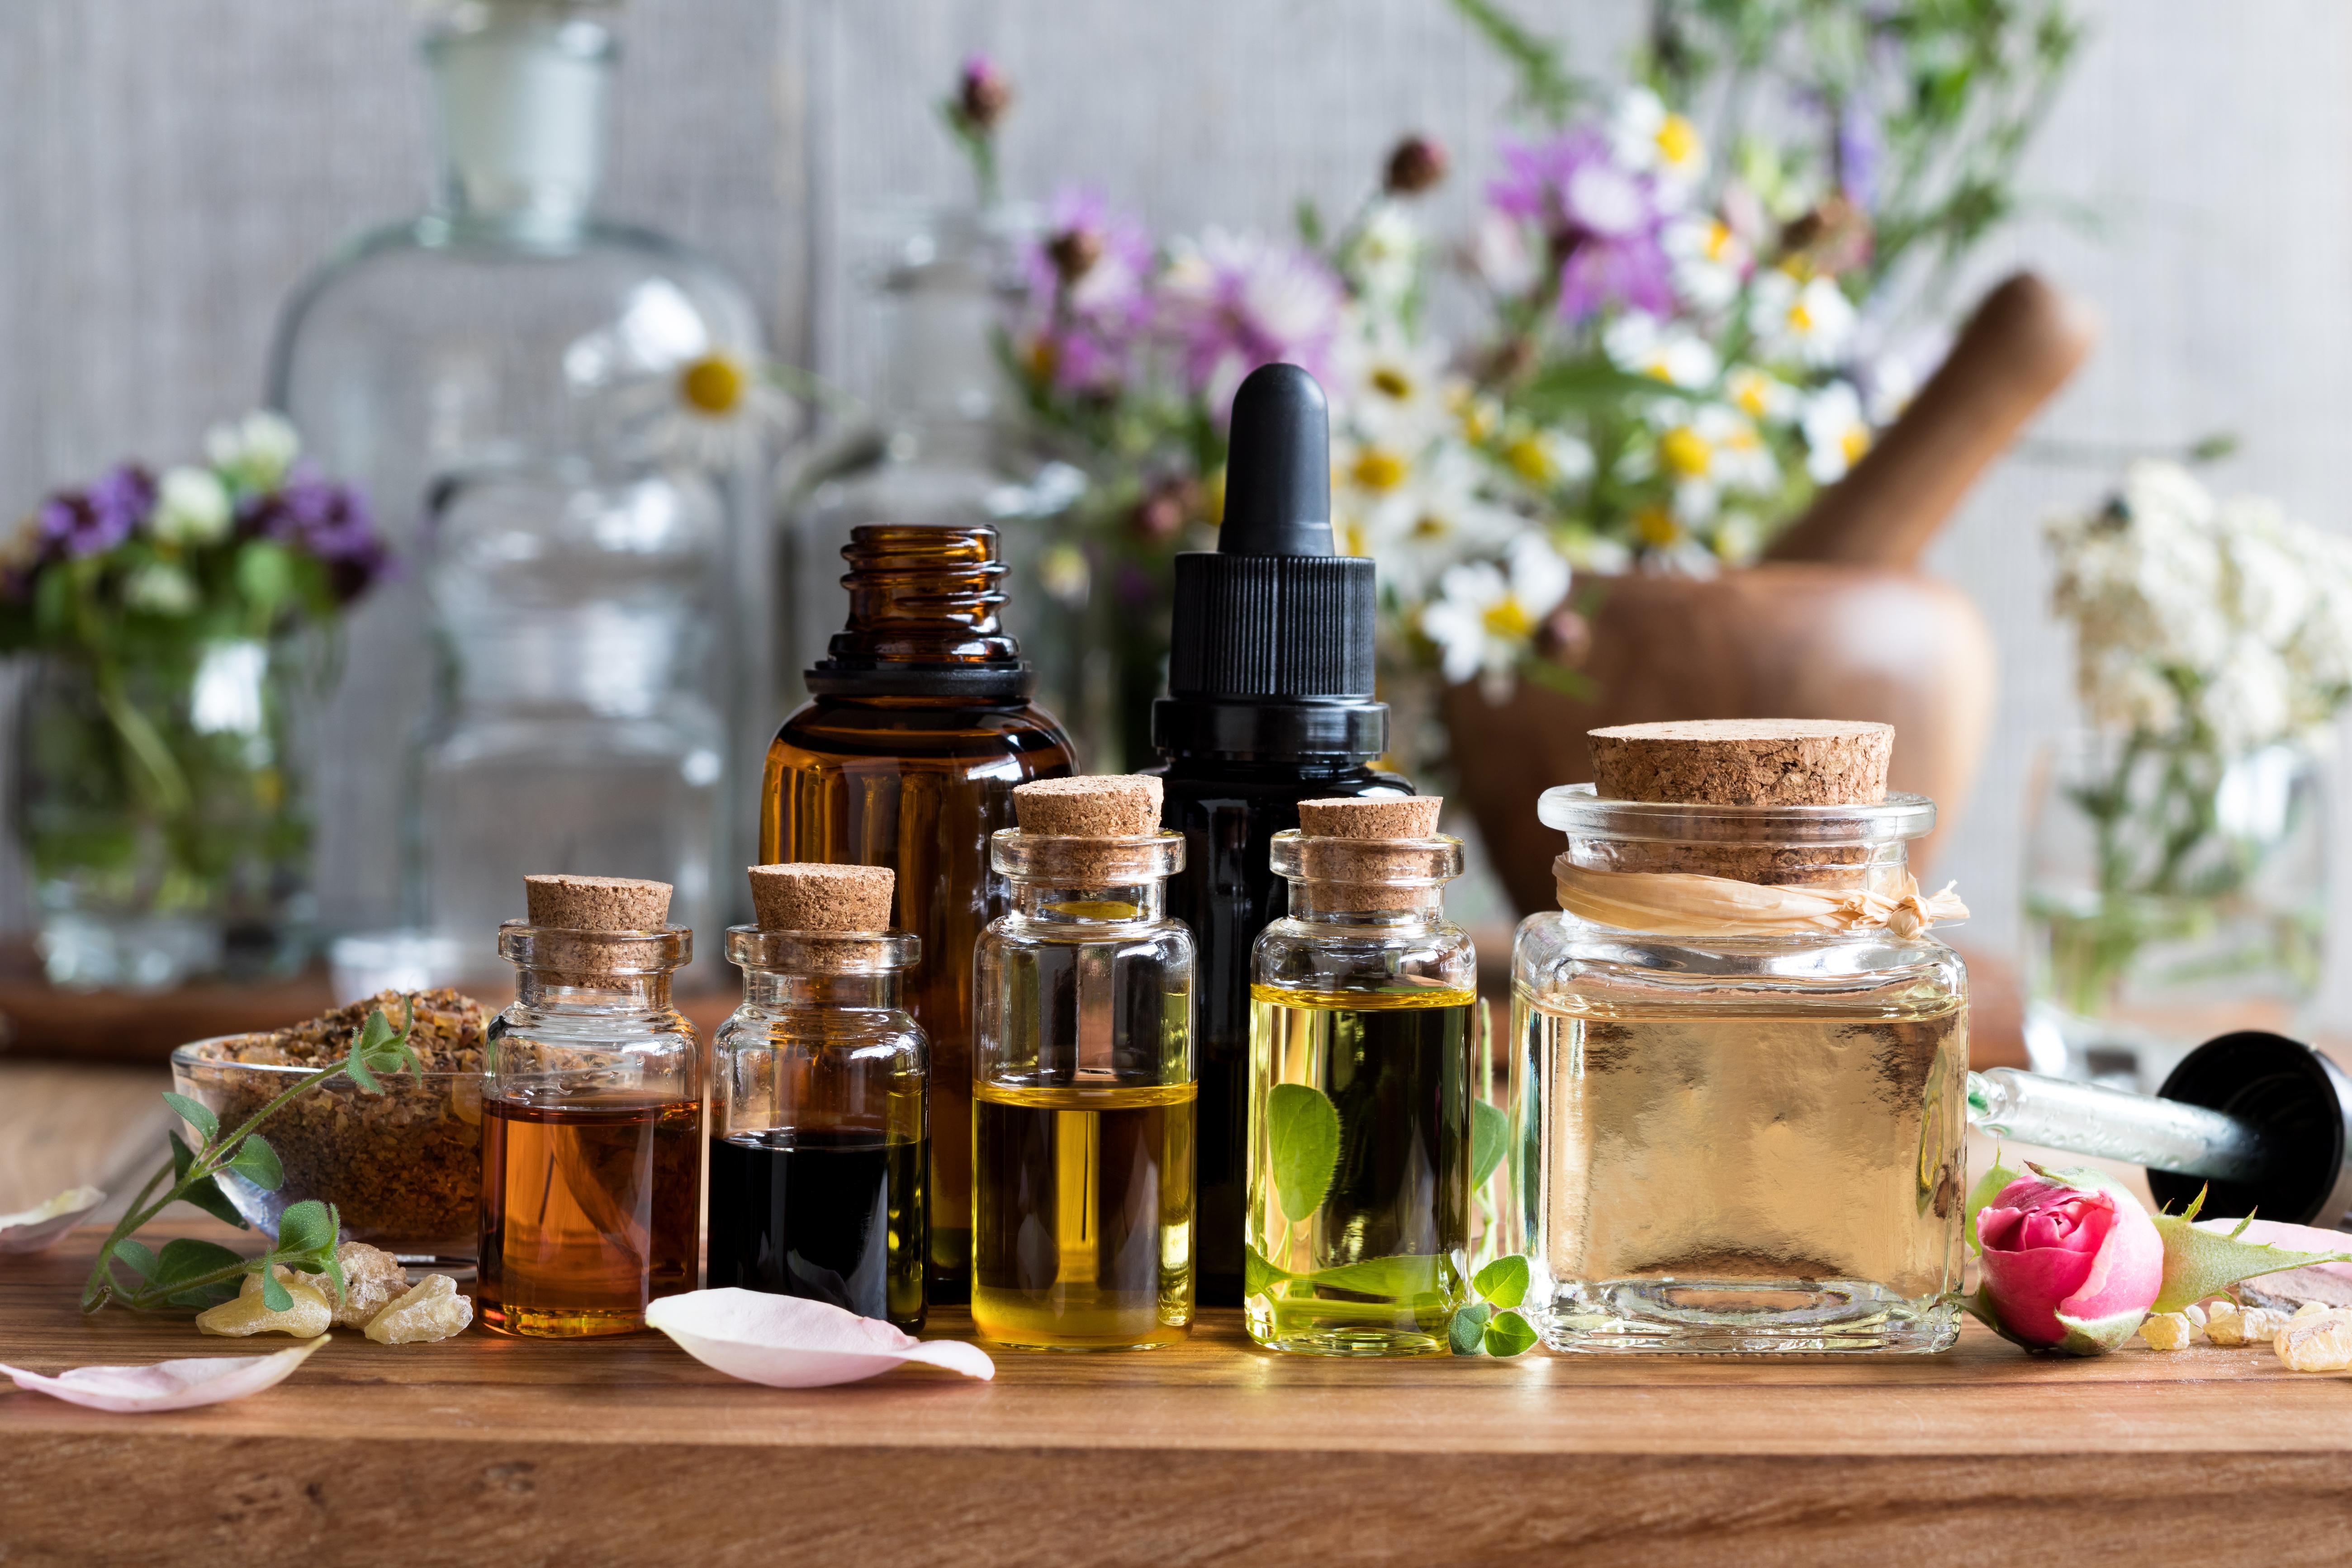 Средства с натуральными маслами